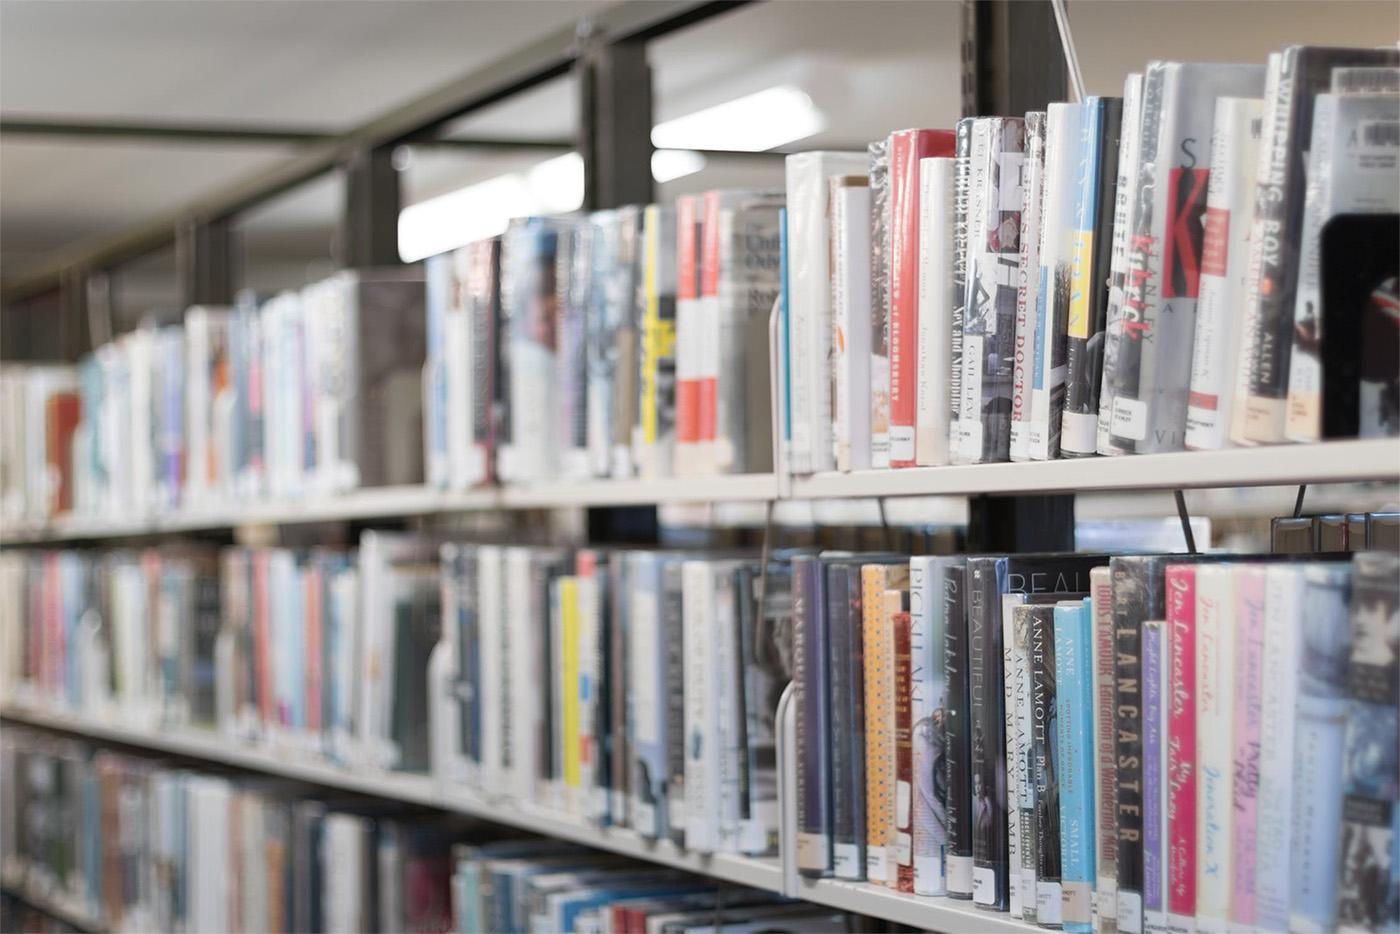 Wij hebben een nieuwe bibliotheek op school